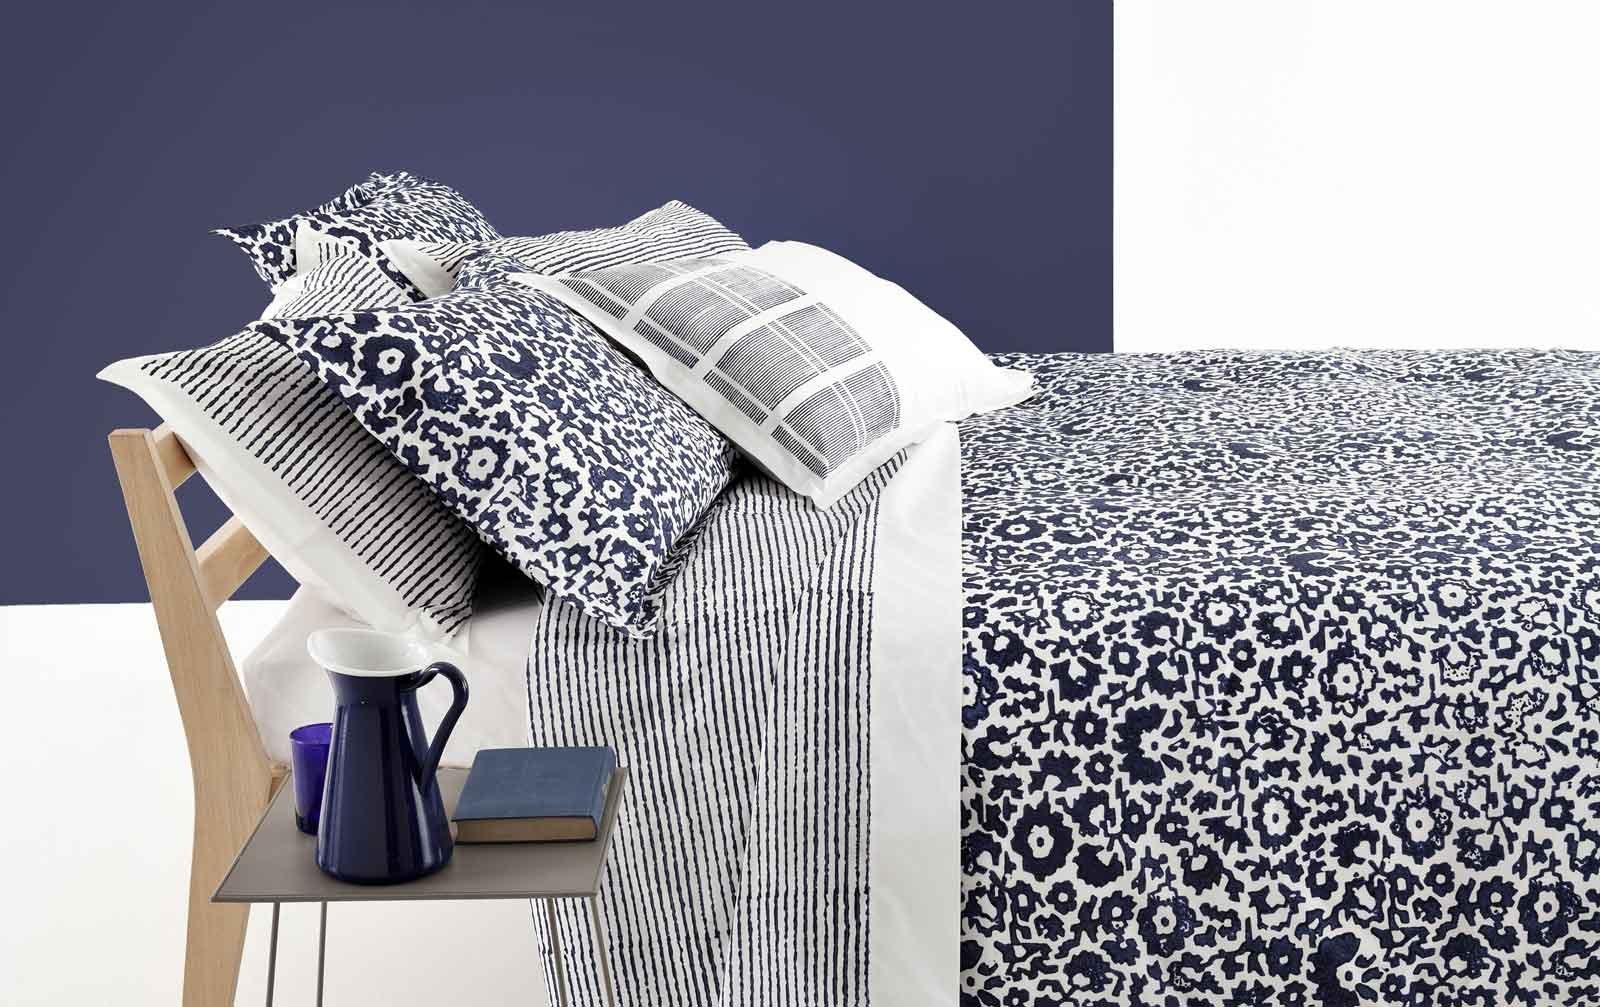 Dormire bene letto materasso e biancheria cose di casa for Lenzuola zucchi